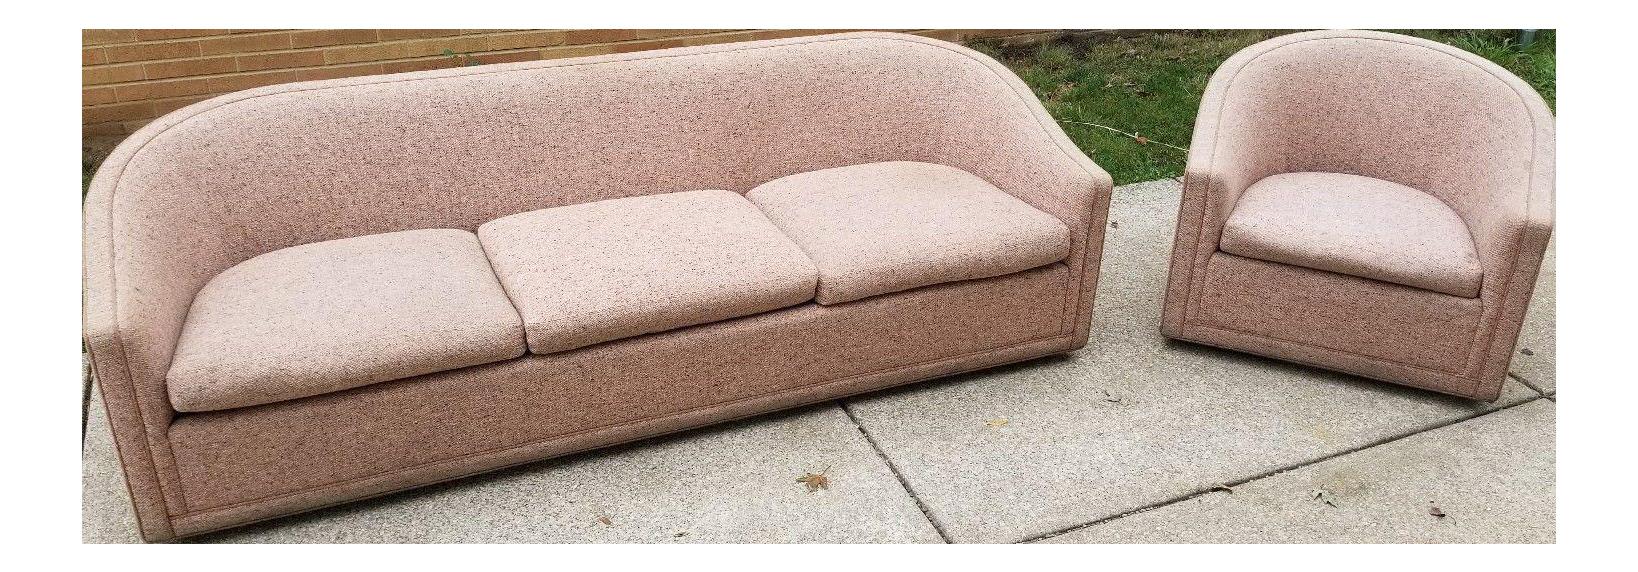 Larsen Furniture Jack Lenor Larsen Low Sofa And Swivel Lounge Chair   A Pair